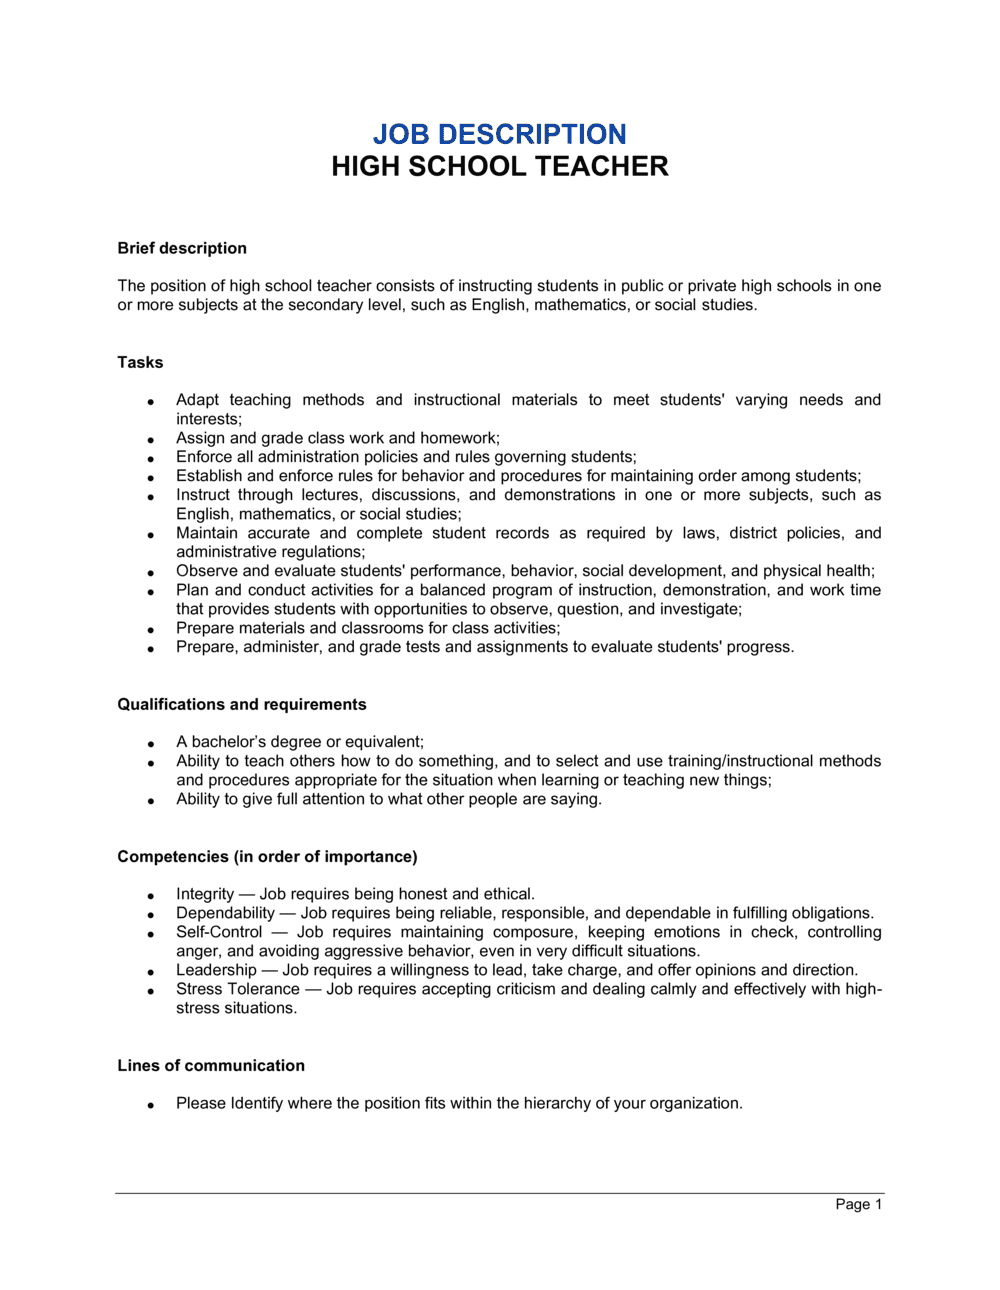 Business-in-a-Box's High School Teacher Job Description Template